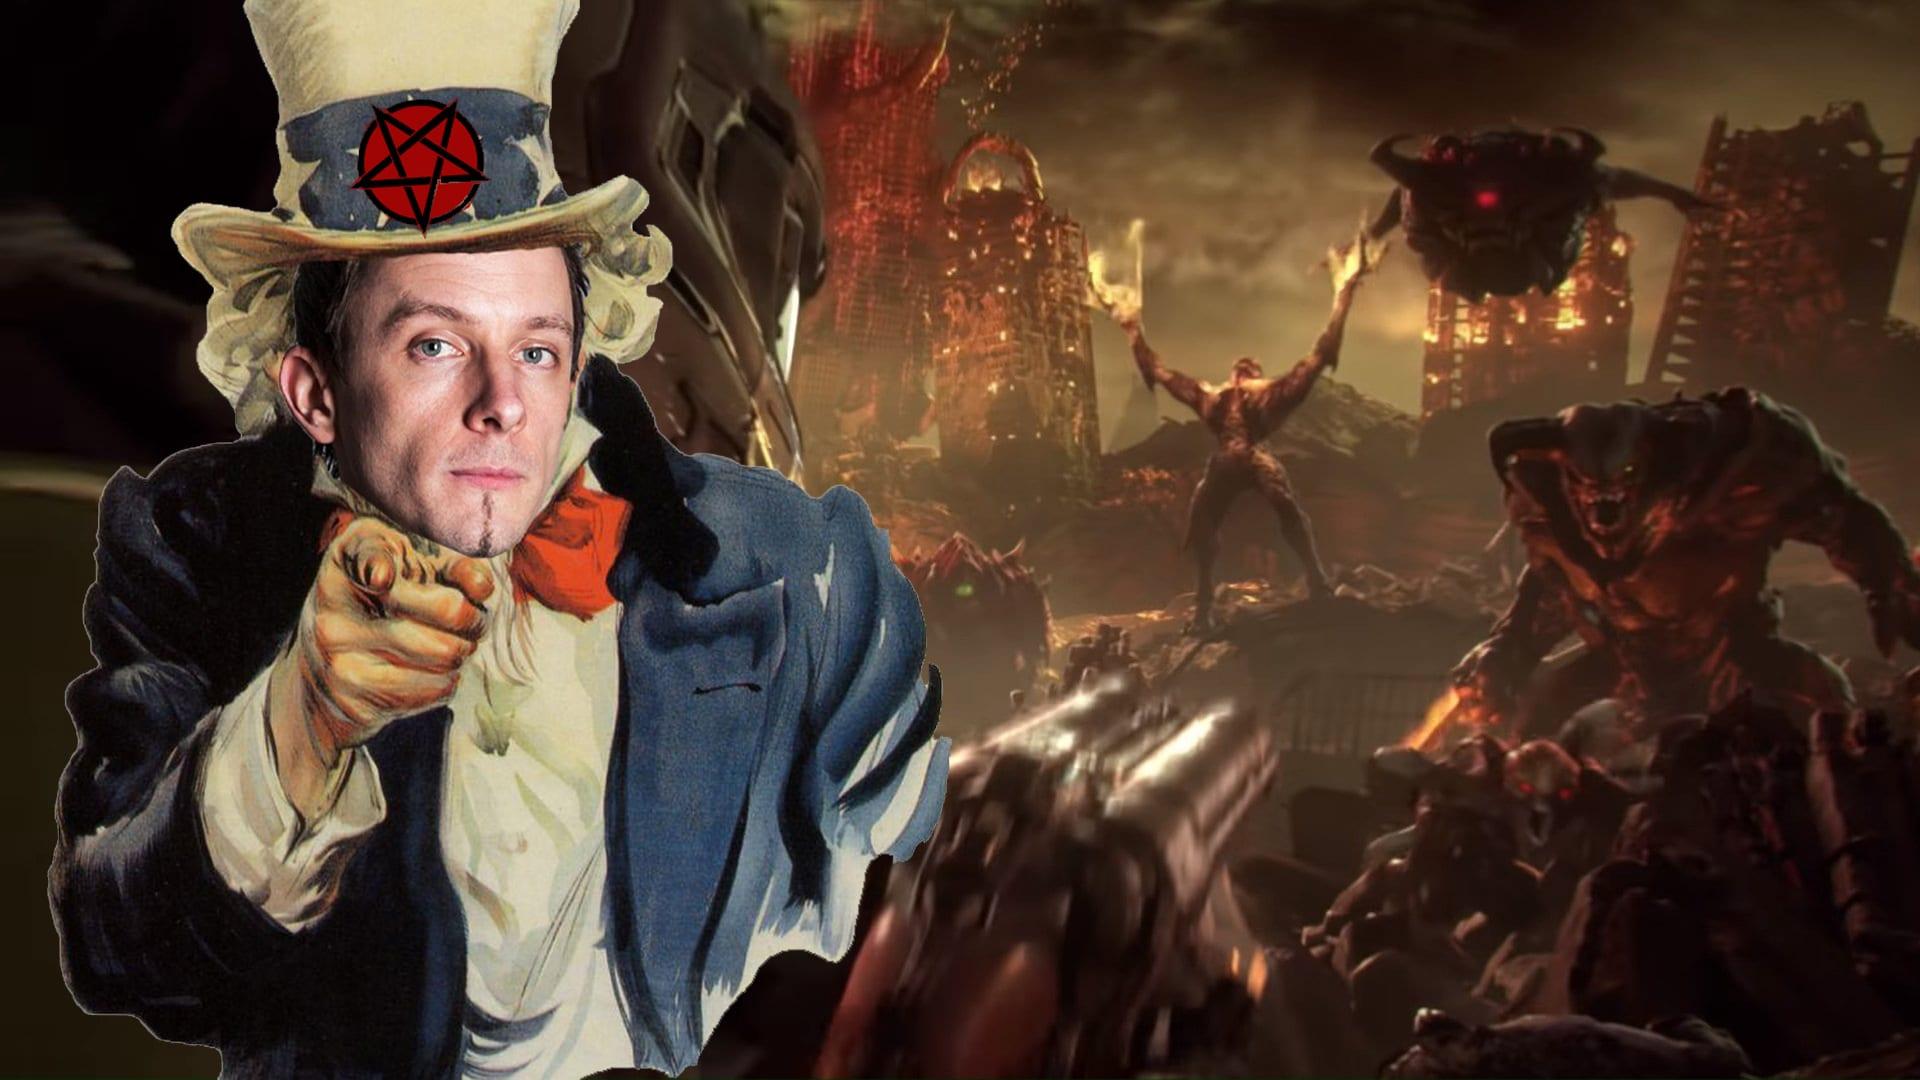 Mick Gordon Wants You